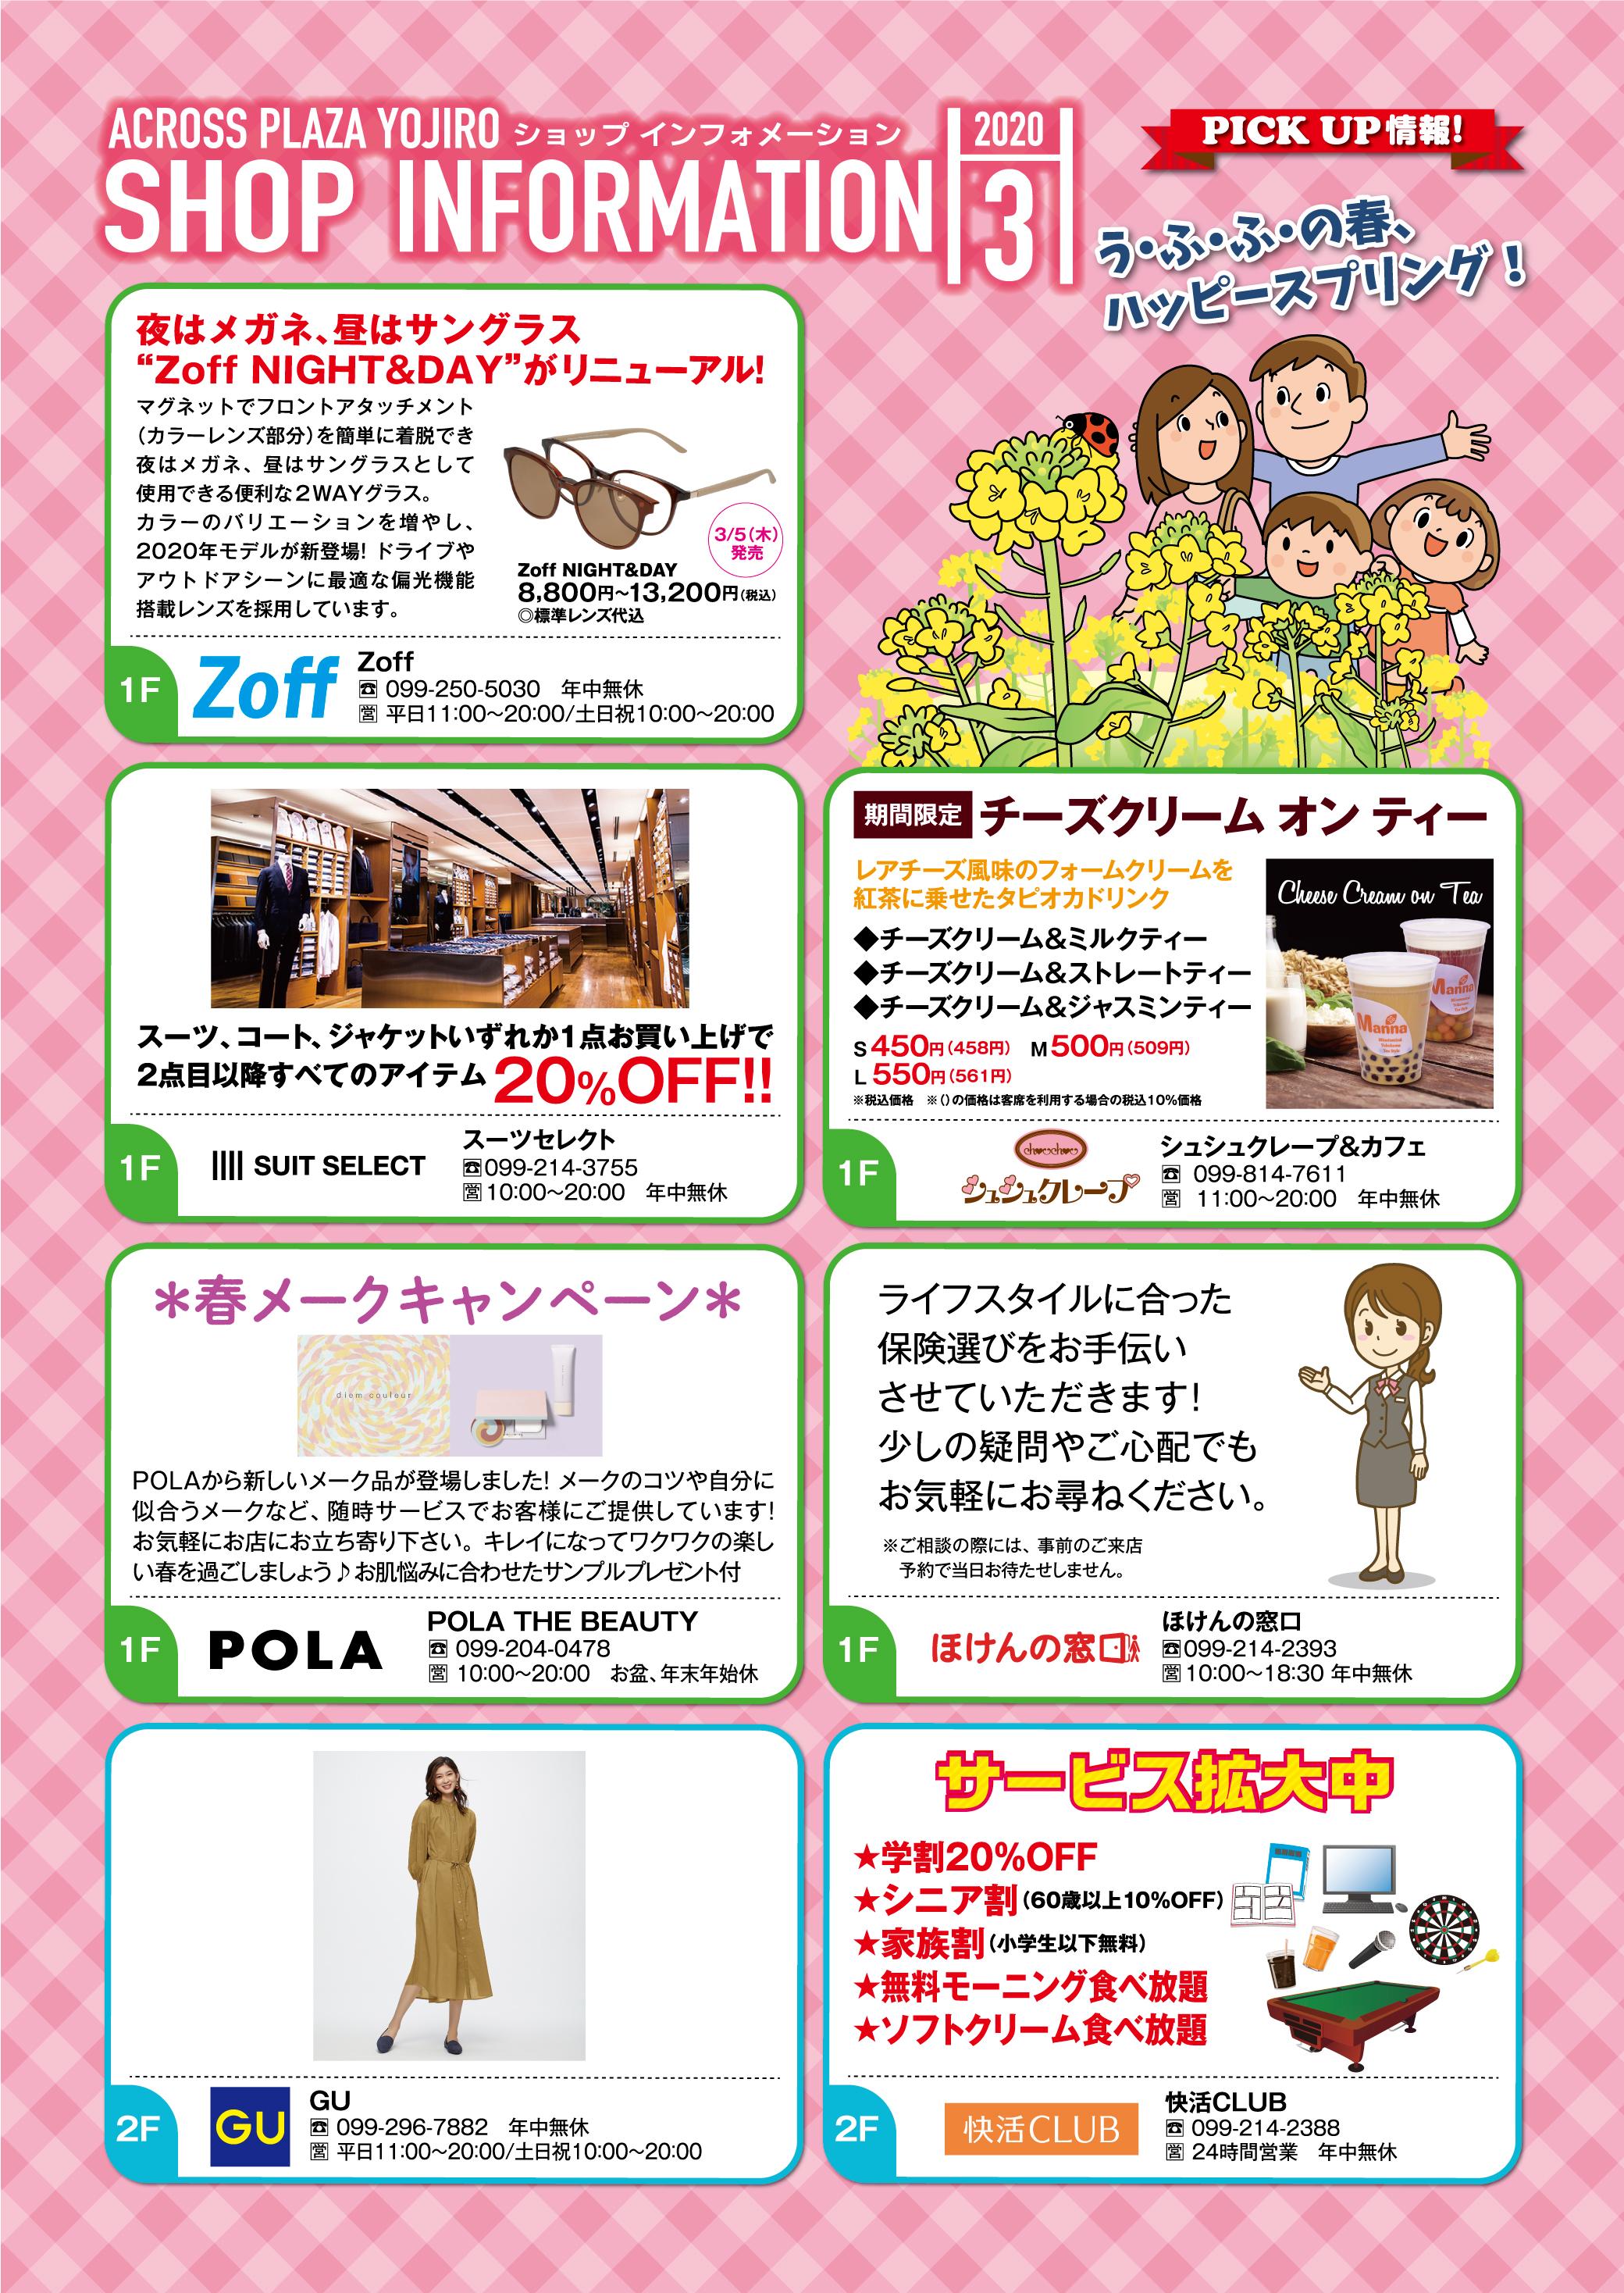 【アクロスプラザ与次郎】2020年3月イベントカレンダー!